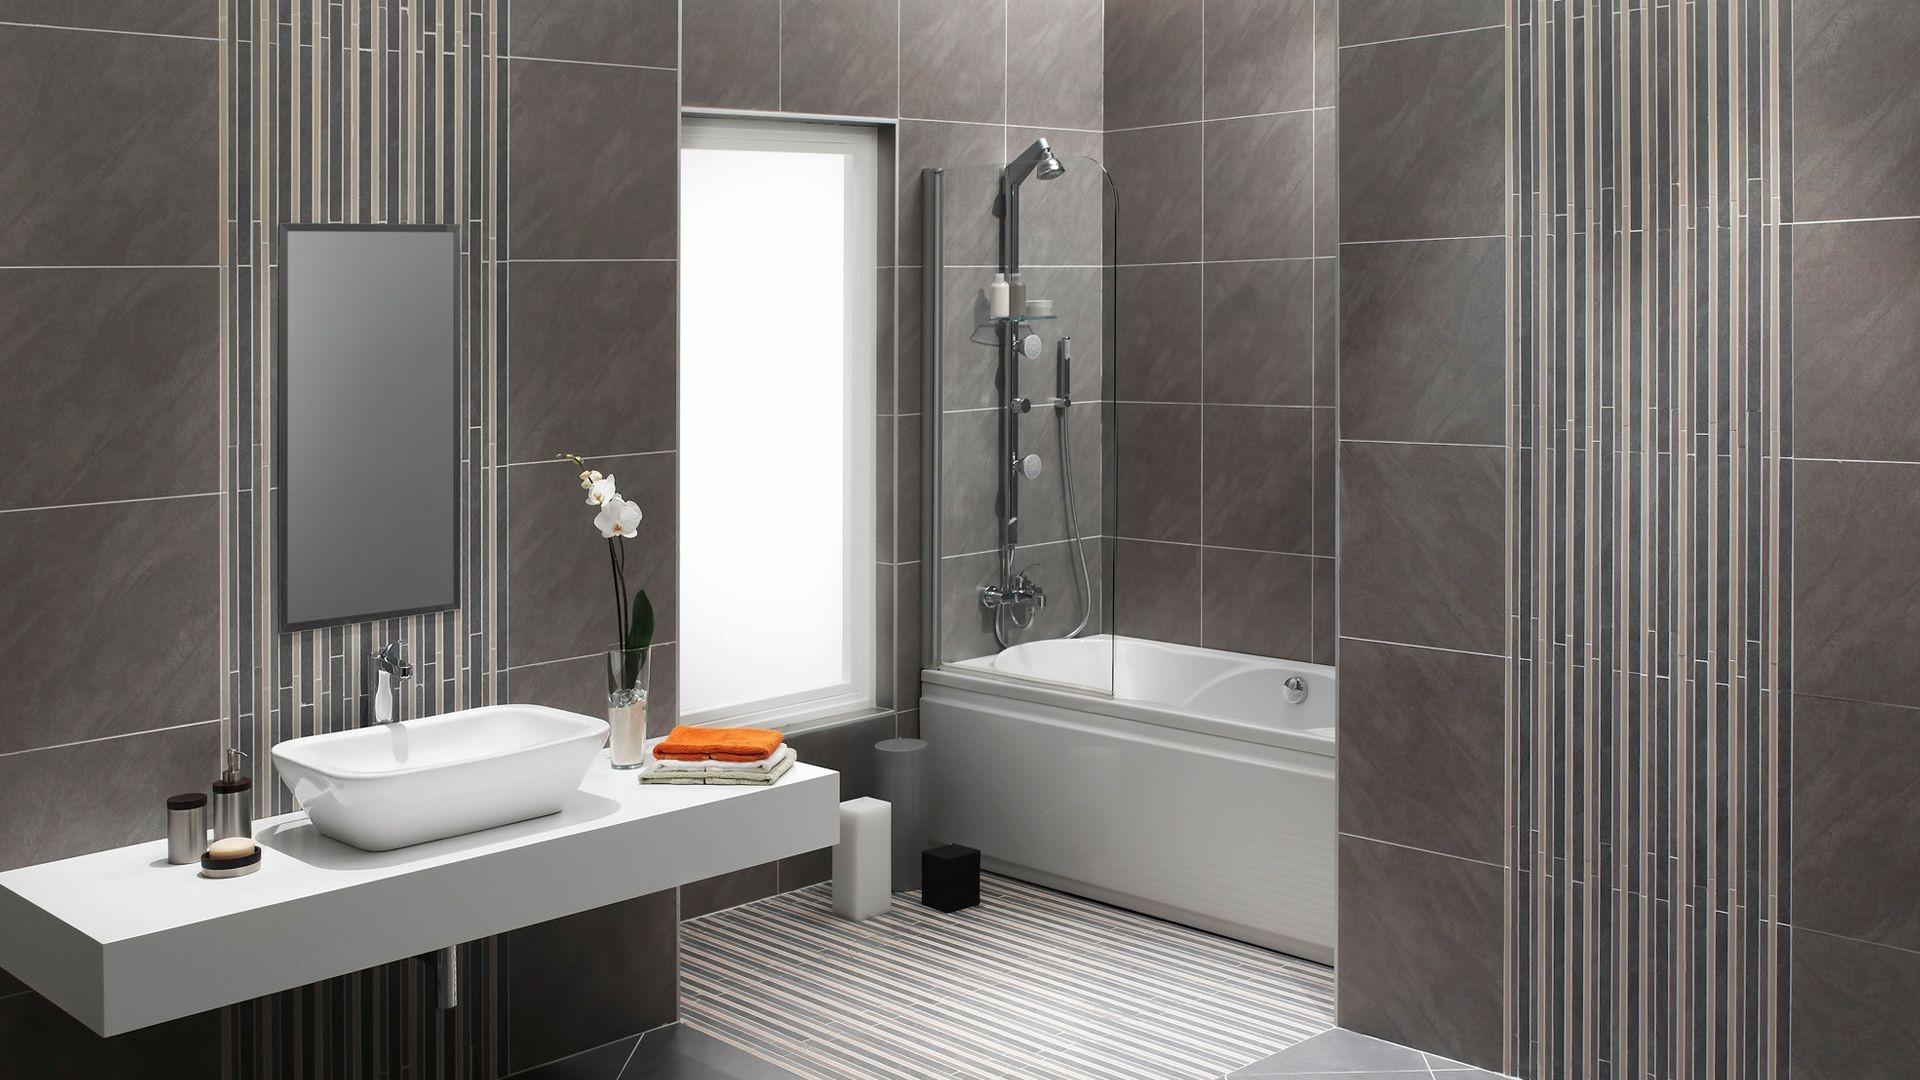 Reformas integrales de cuartos de baño en Gijón